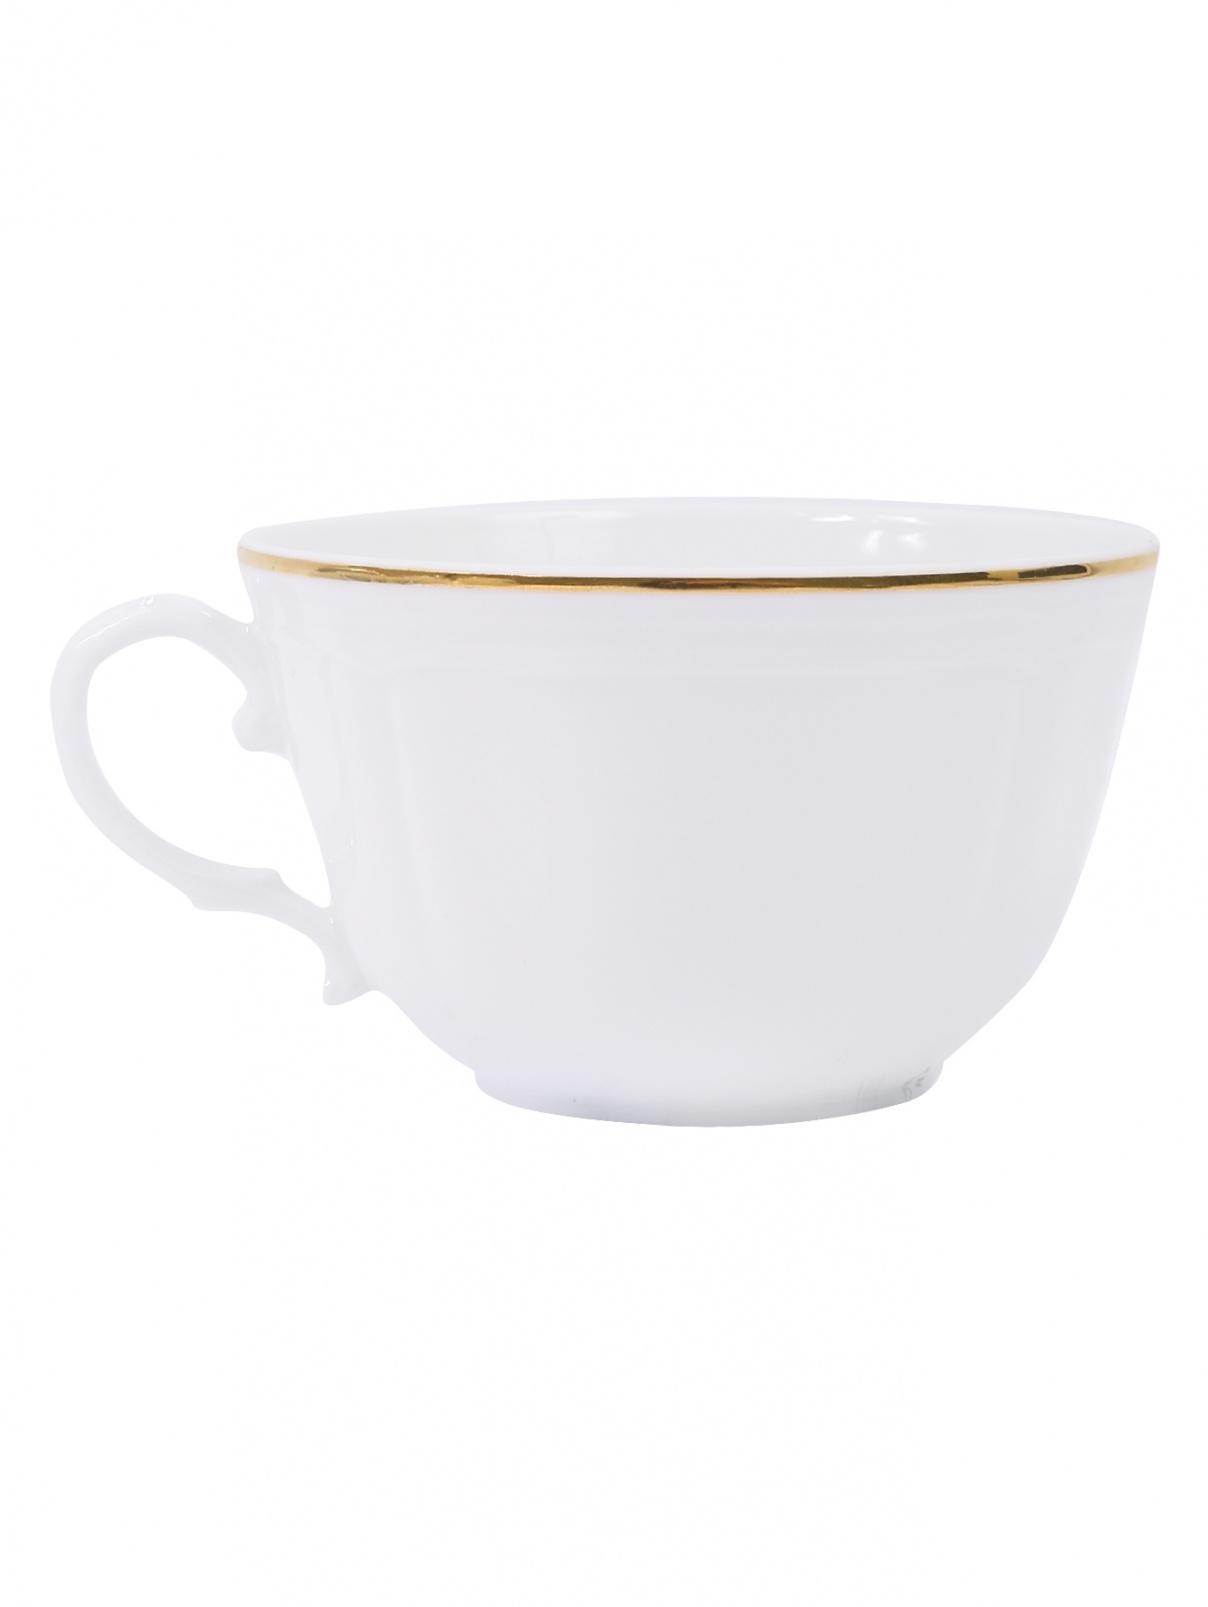 Чайная чашка с золотой каймой Richard Ginori 1735  –  Общий вид